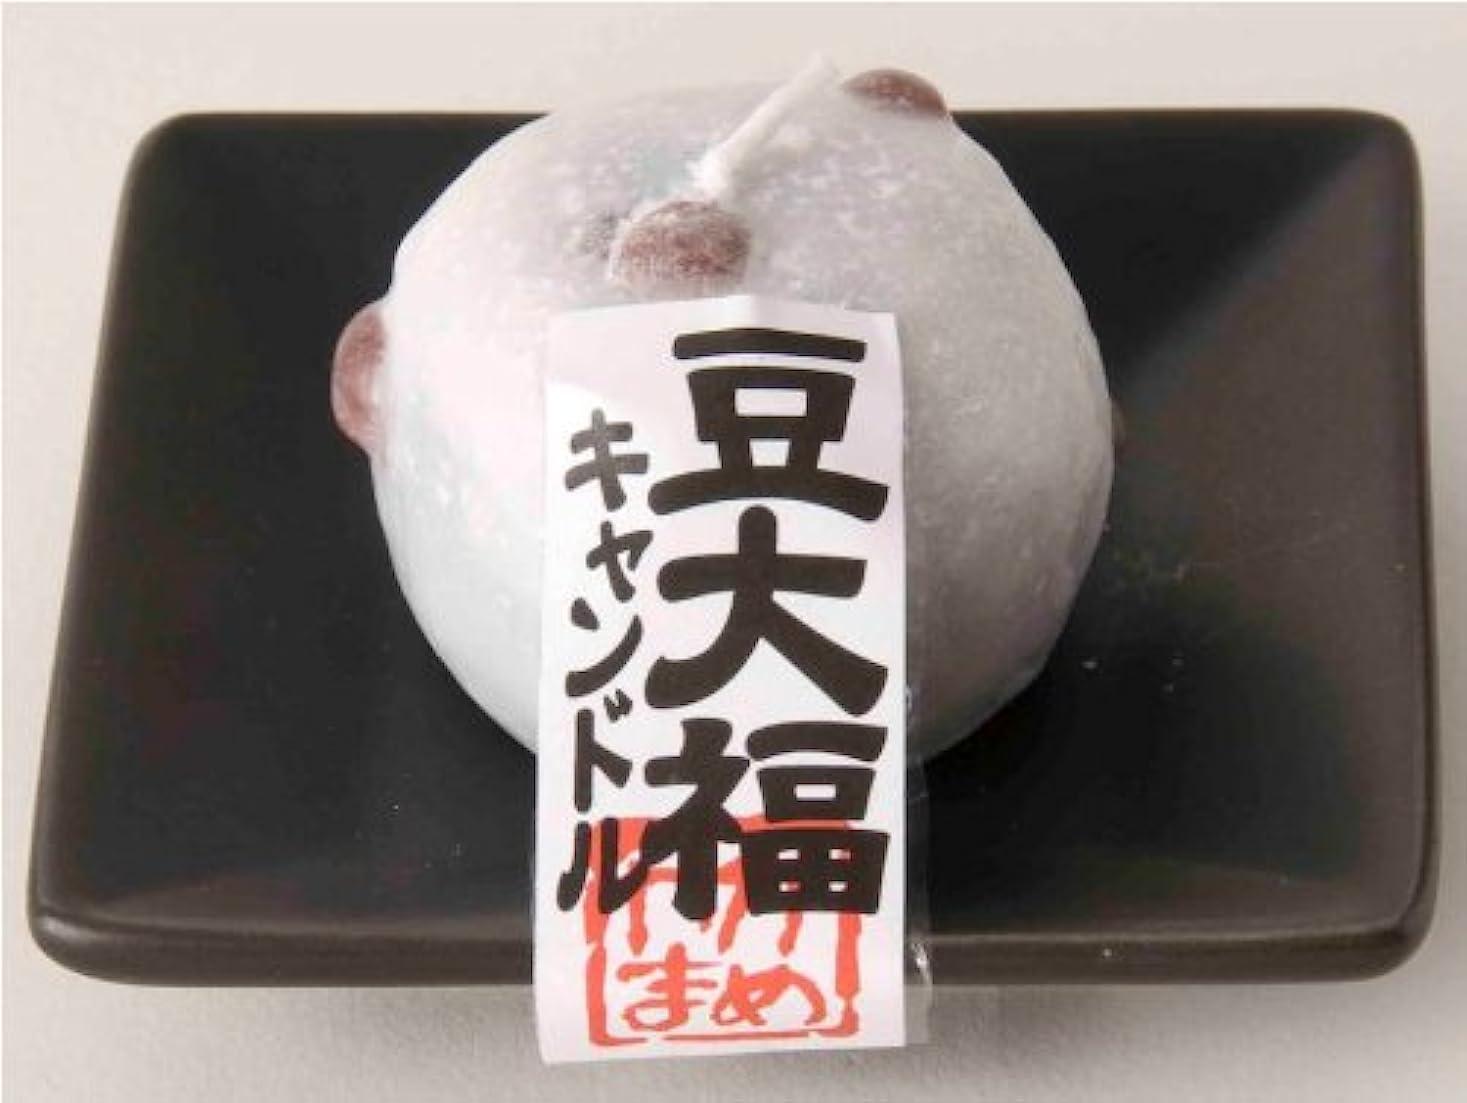 ローン無声で許す豆大福キャンドル